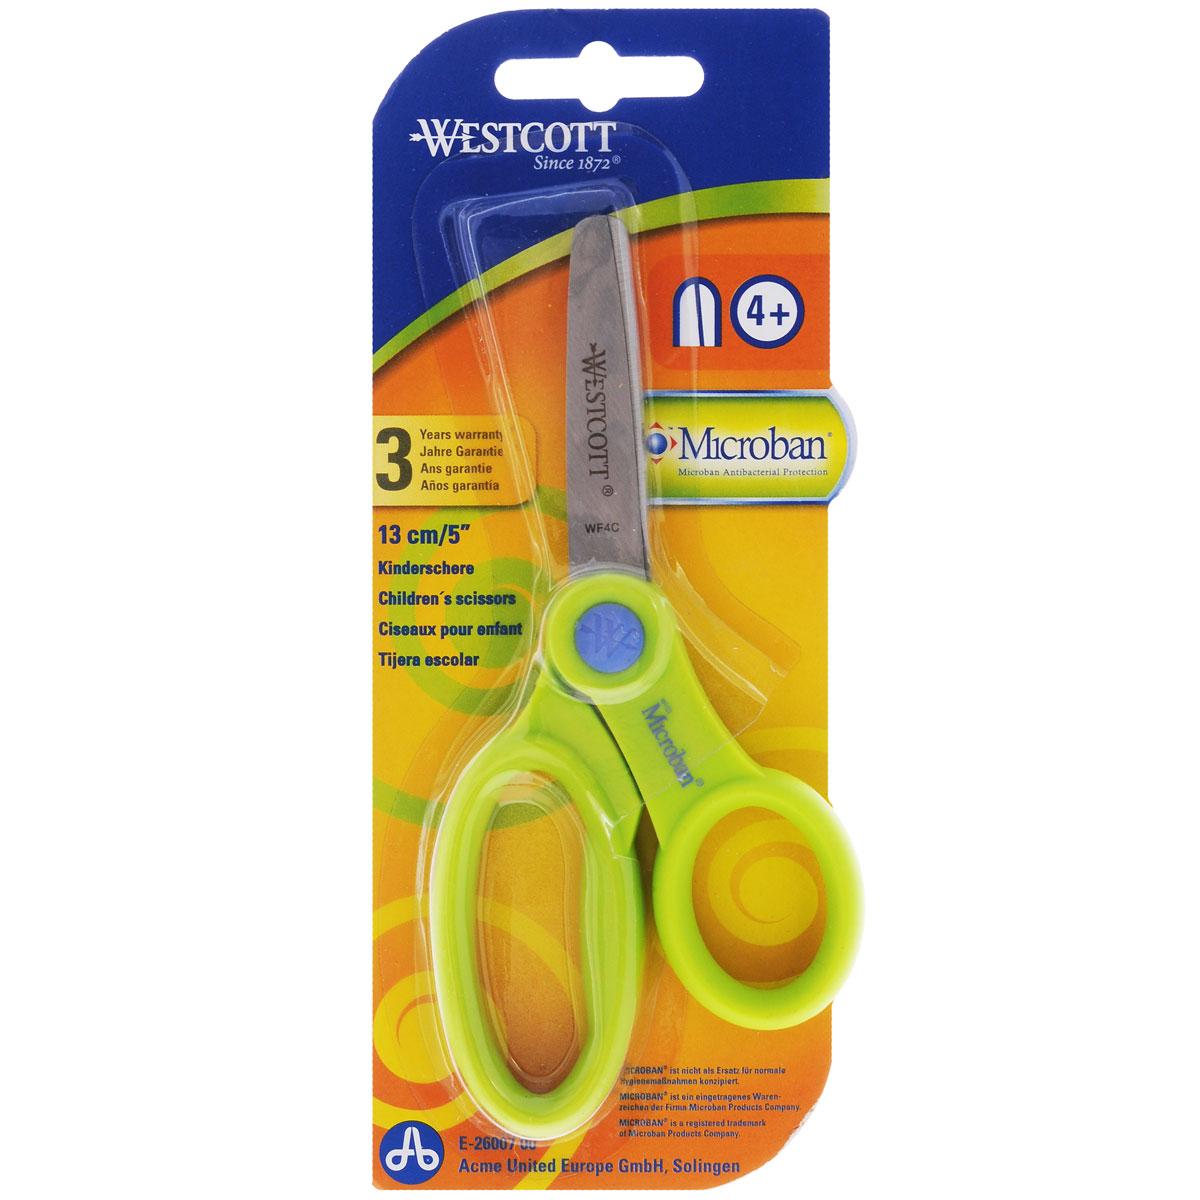 Ножницы детские Westcott, с антибактериальным покрытием, цвет: салатовый, 13 смFS-00897Детские ножницы Westcott предназначены для резки бумаги, картона, текстиля. Лезвия выполнены из особо прочной нержавеющей стали, пластиковые ручки адаптированы для детской руки.Антибактериальное покрытие Microban эффективно удаляет с поверхности ножниц 99% бактерий, обеспечивая надежную, длительную и антибактериальную защиту ребенка на протяжении всего срока службы. Рекомендуемый возраст: от 4 лет.